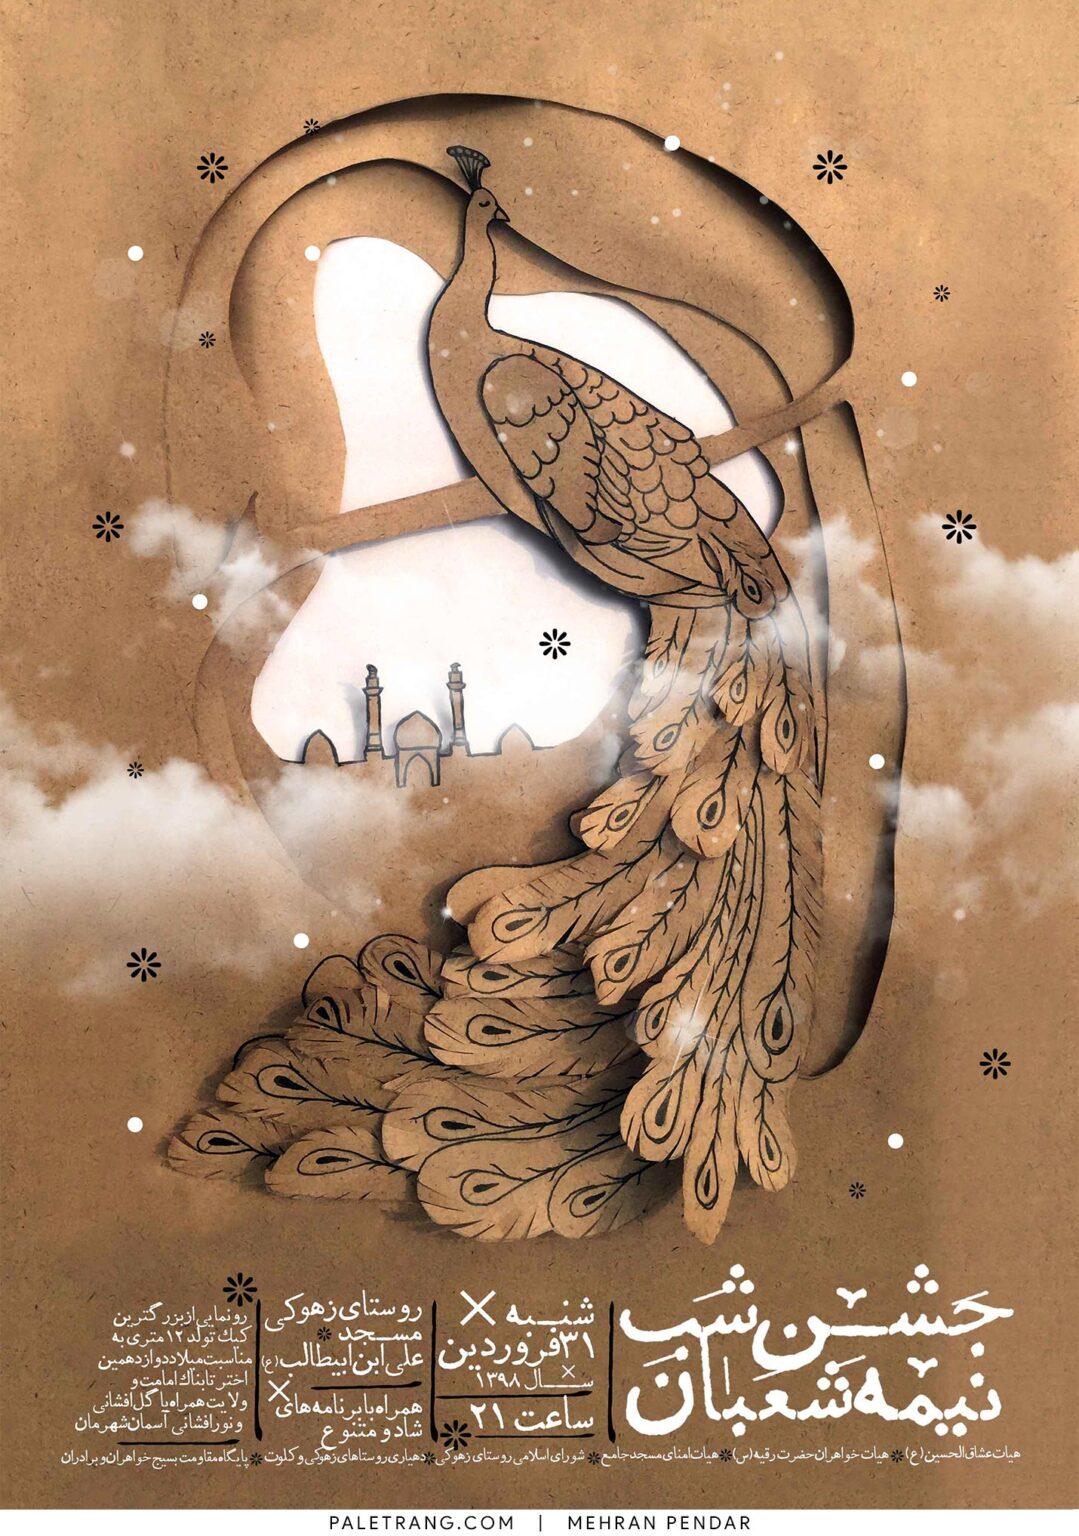 پوستر جشن شب نیمه شعبان اثر مهران پندار